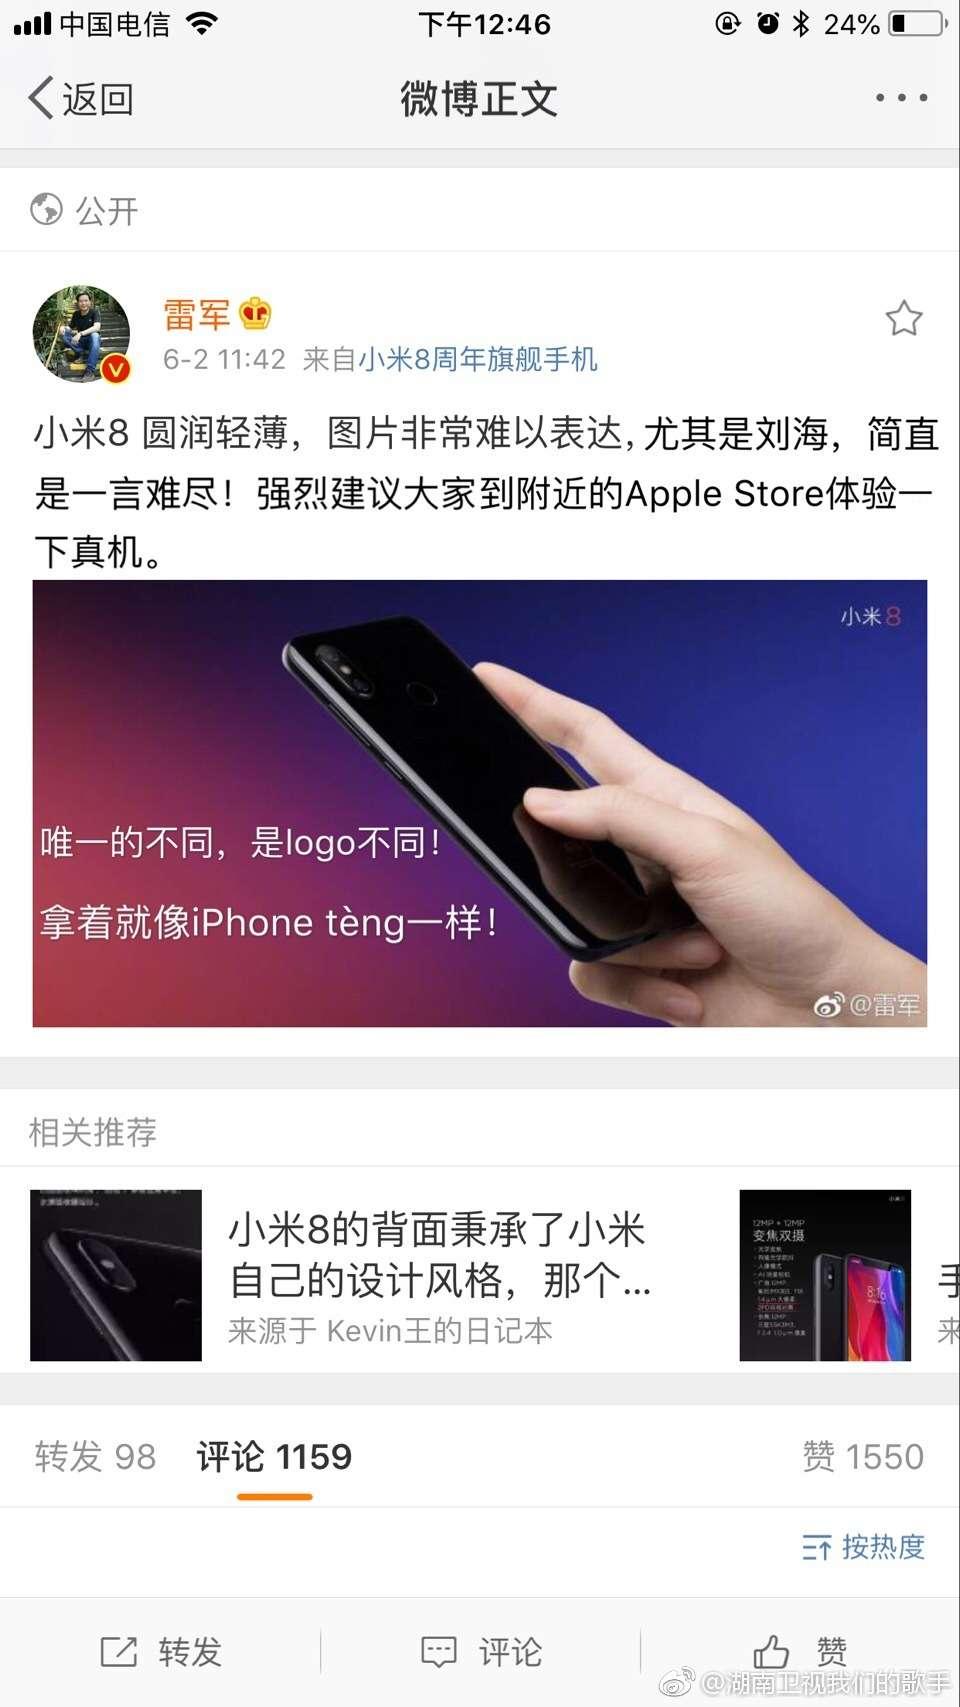 小米8探索版和iPhoneX哪个好?